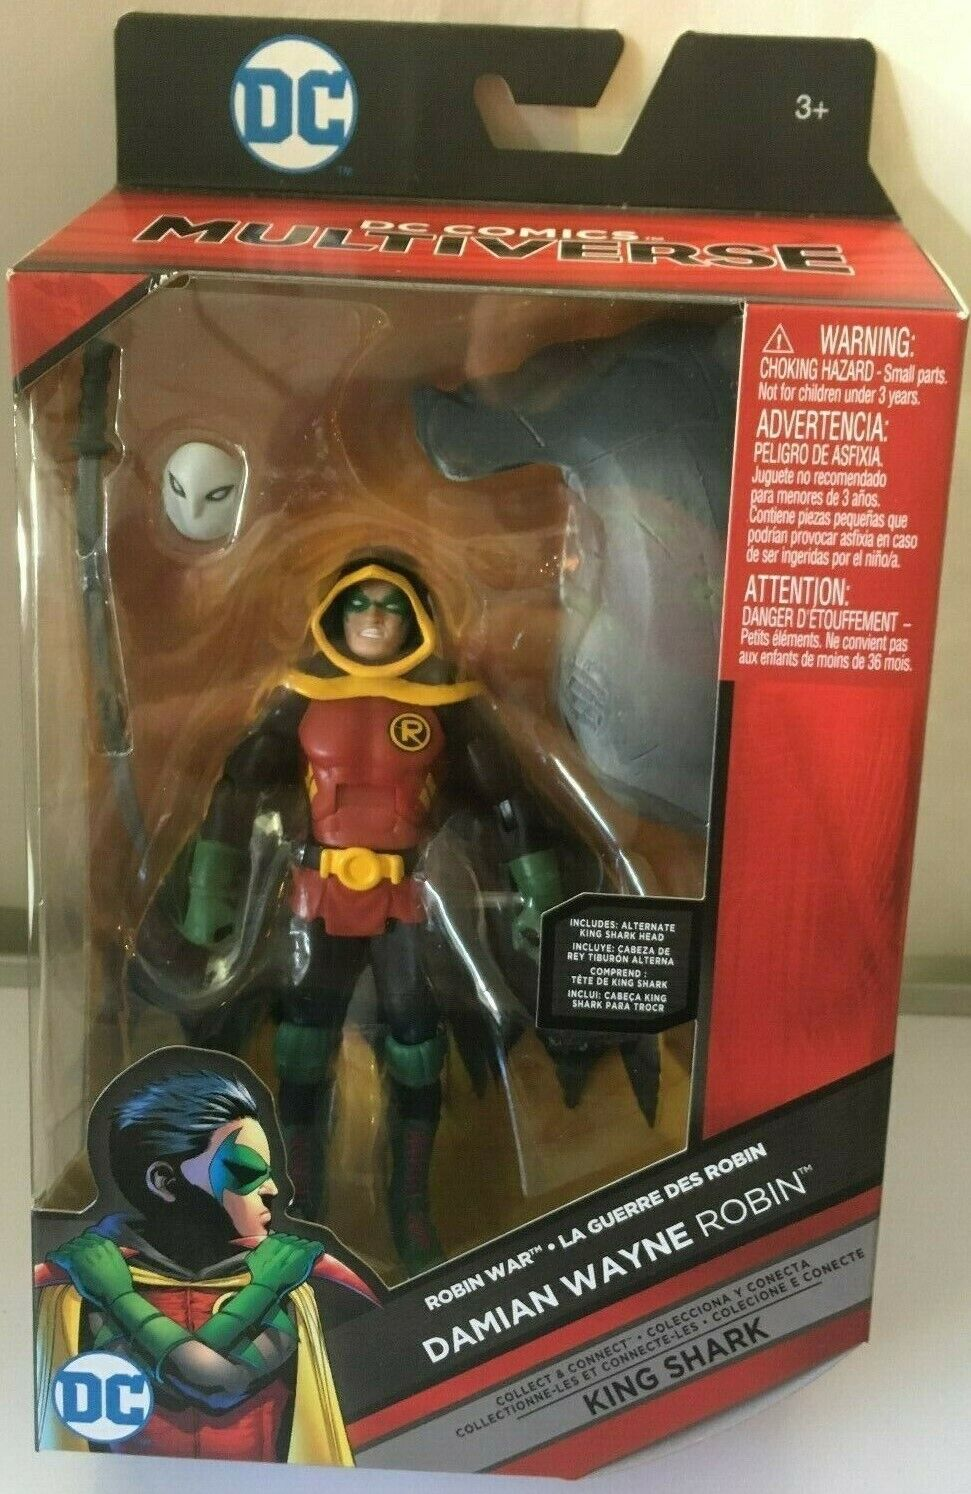 DC Comics Multiverse Damian Wayne Robin Build King Shark Act